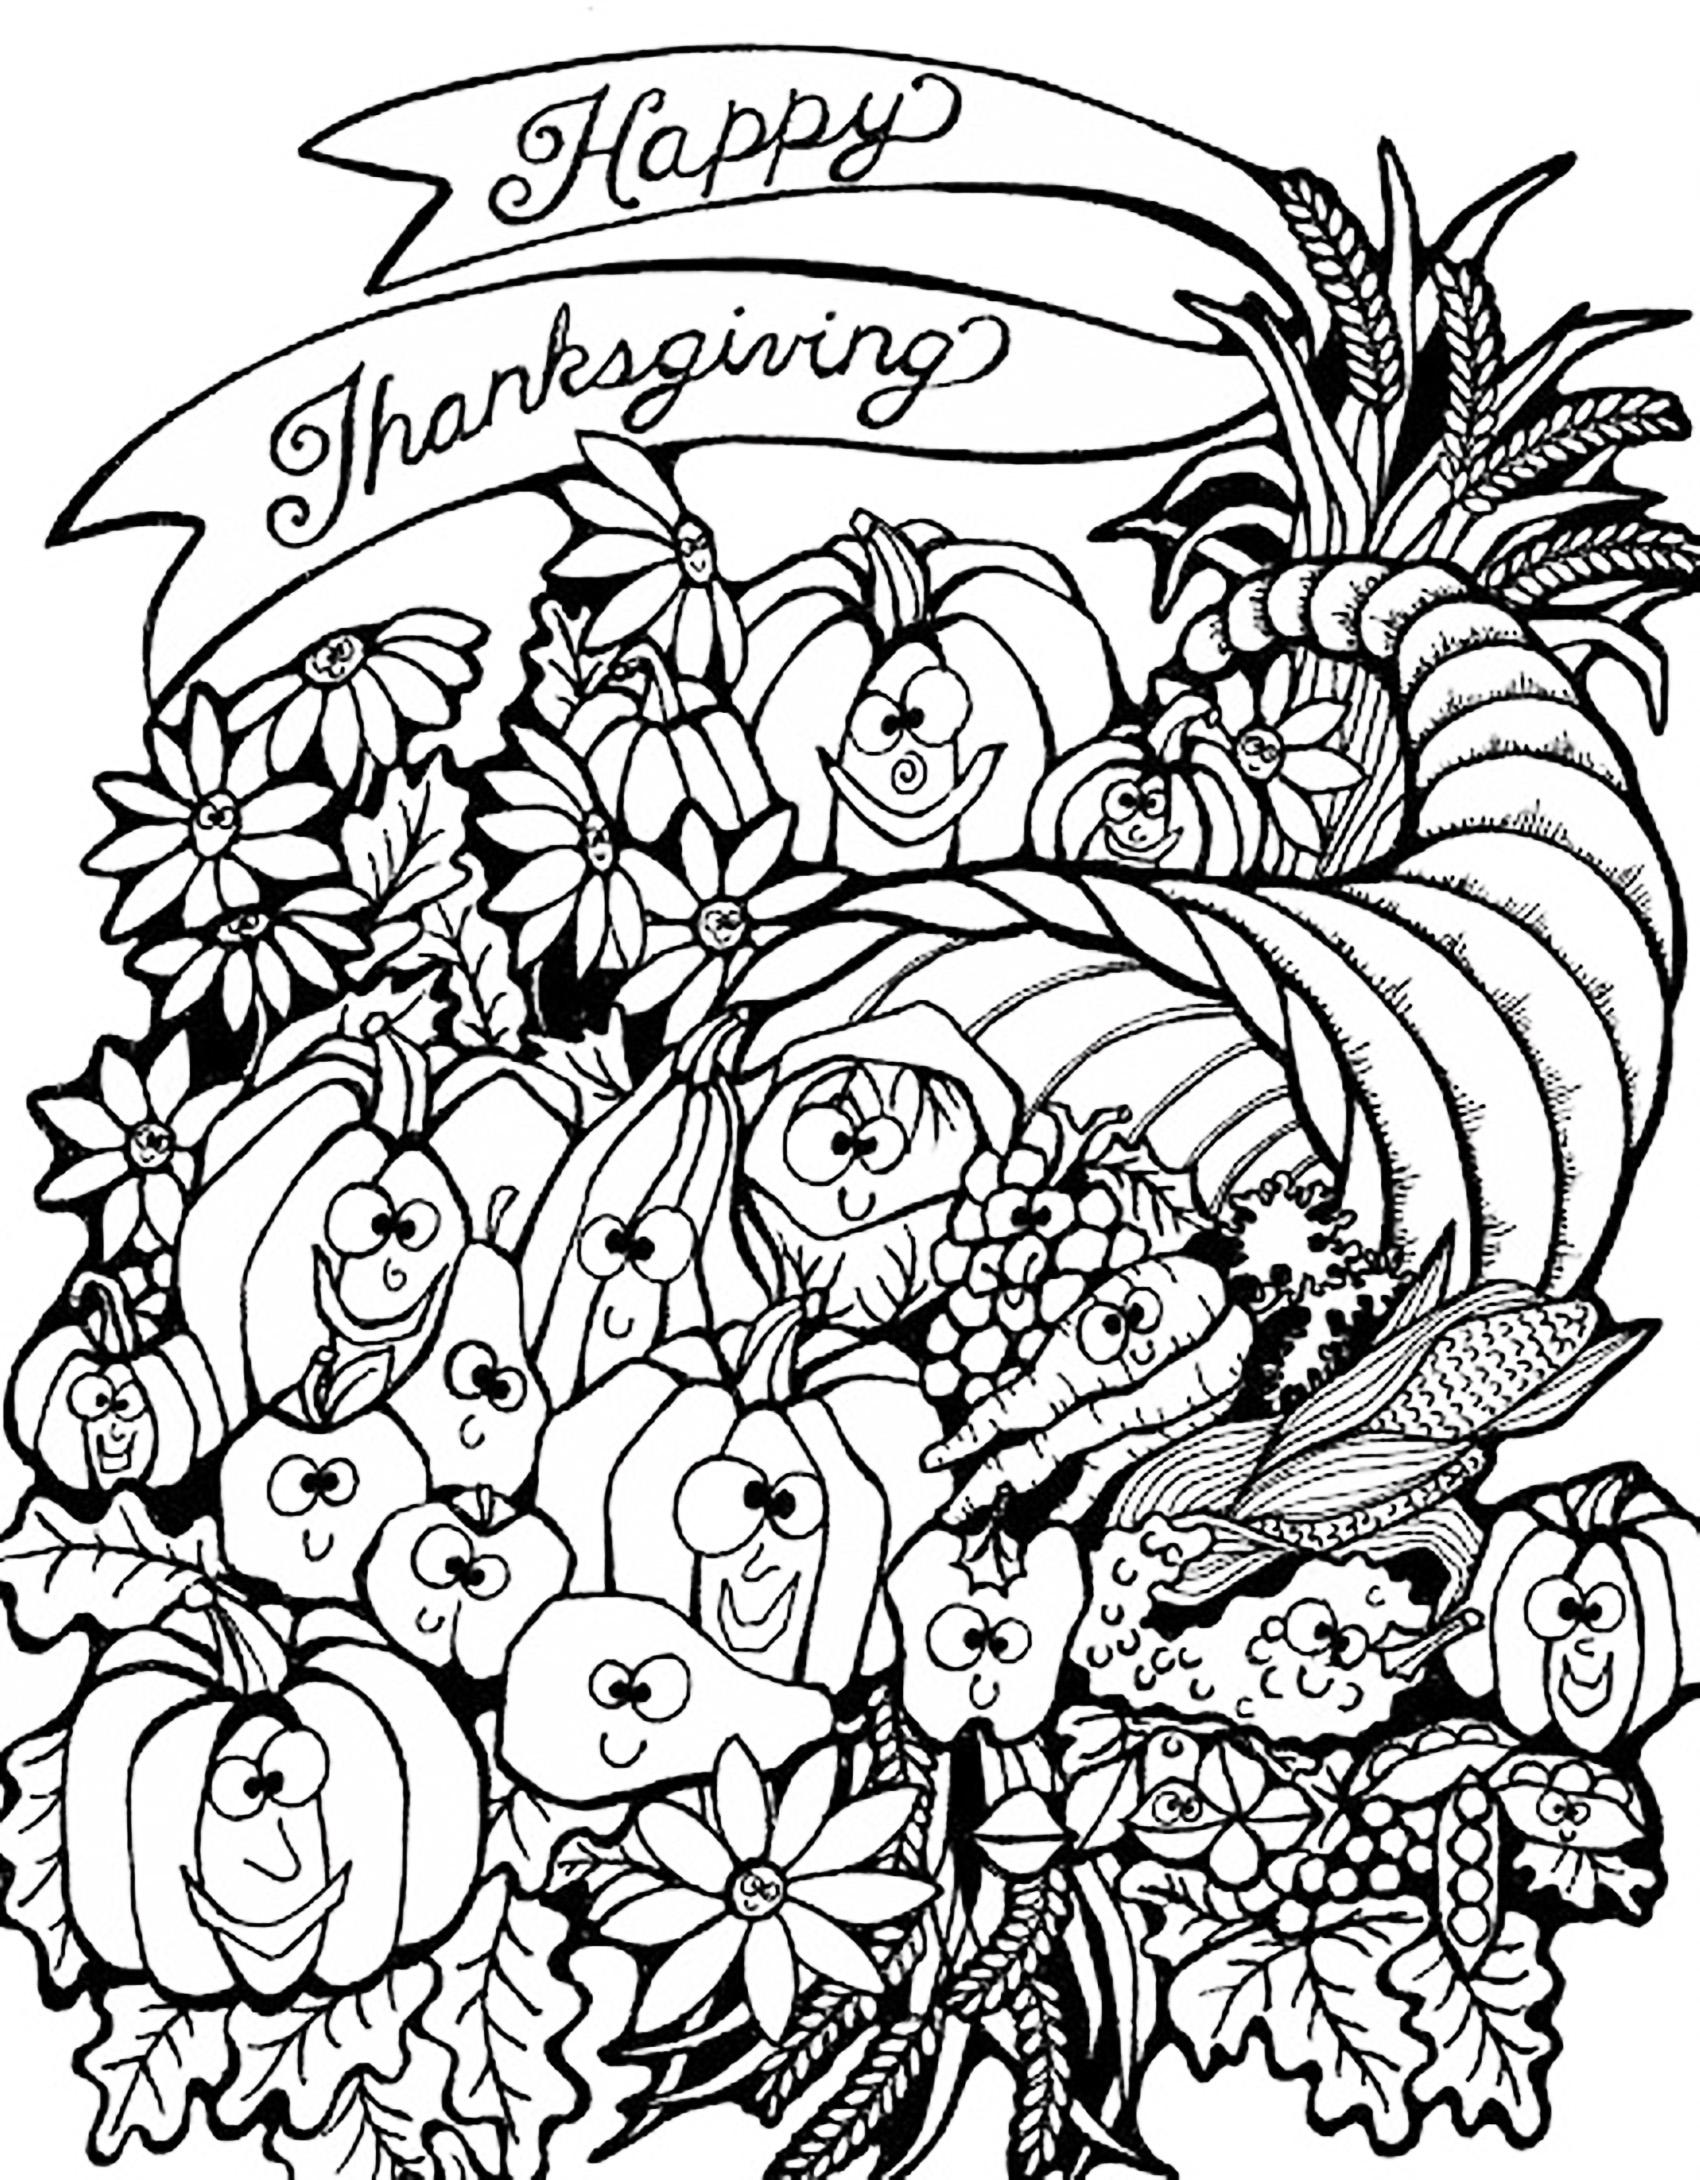 Fein Thanksgiving Malbücher Bilder - Malvorlagen Von Tieren - ngadi.info